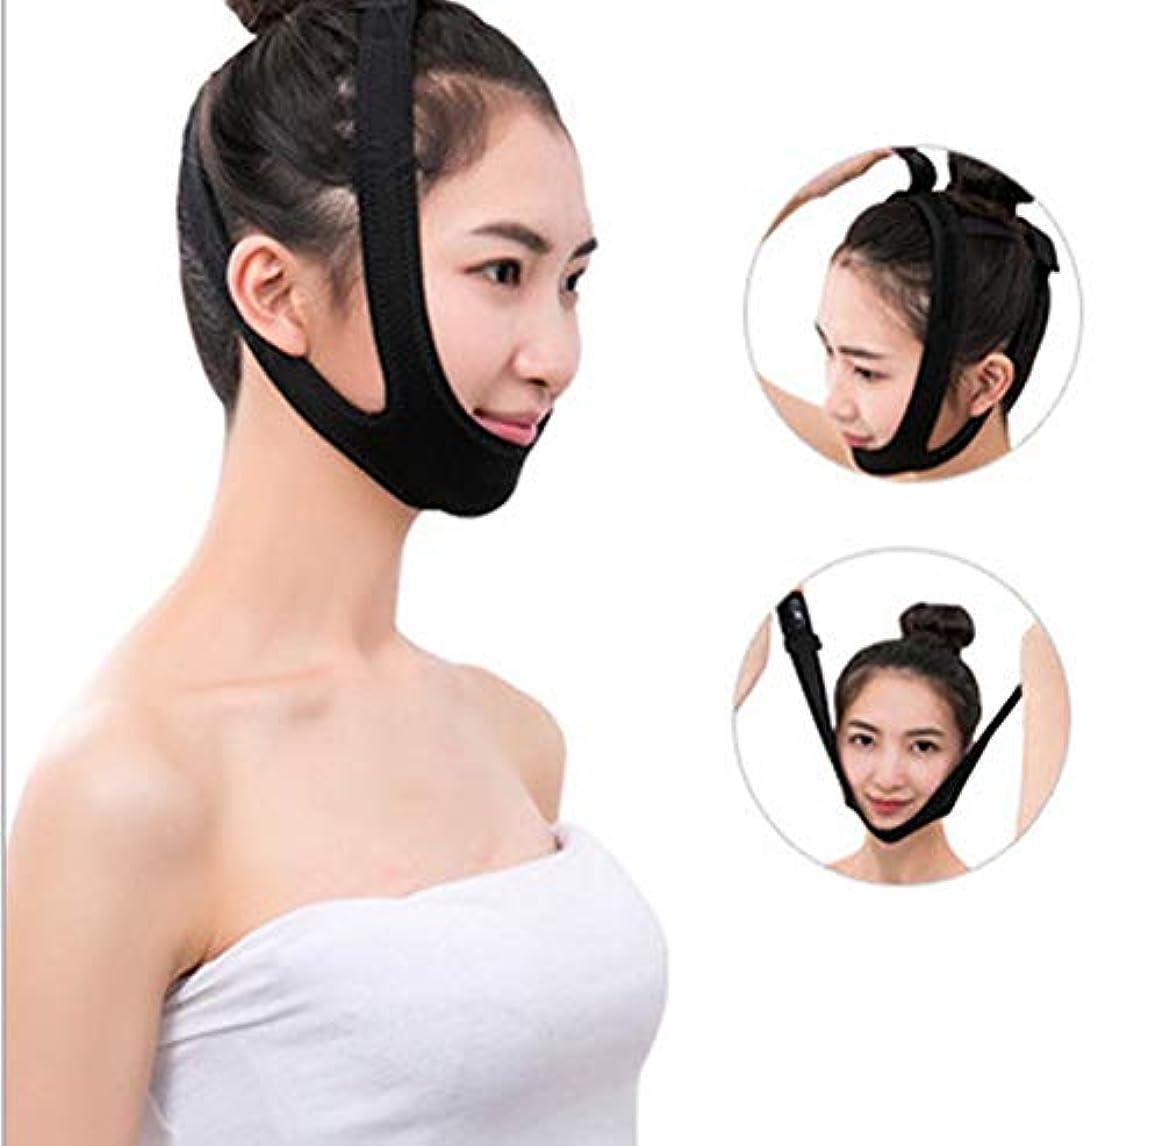 めるけん引すべてLquide薄いフェイスマスク包帯タイトリフティングライン彫刻形状強化V顔睡眠薄いフェイスマスクブラックプロフェッショナル